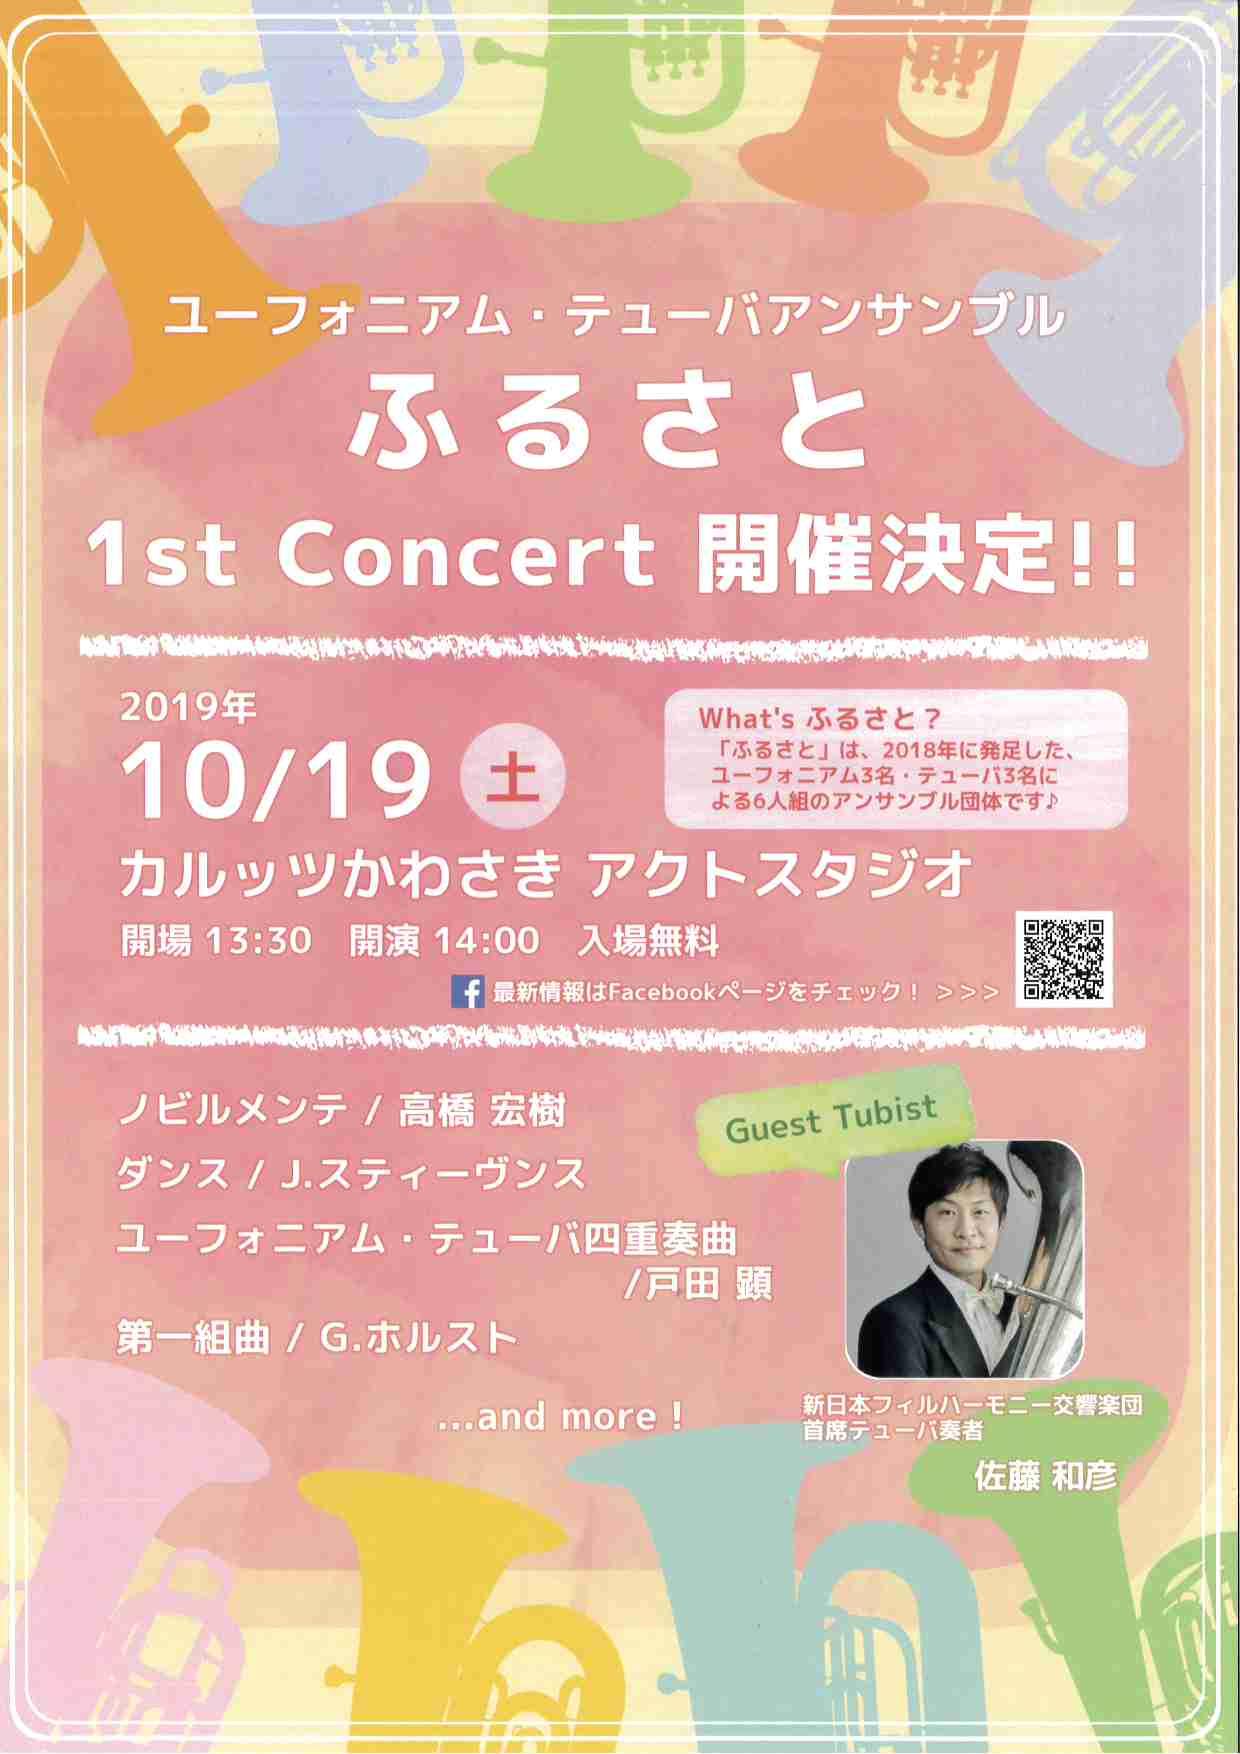 ユーフォニアム・テューバアンサンブル 1st Concert